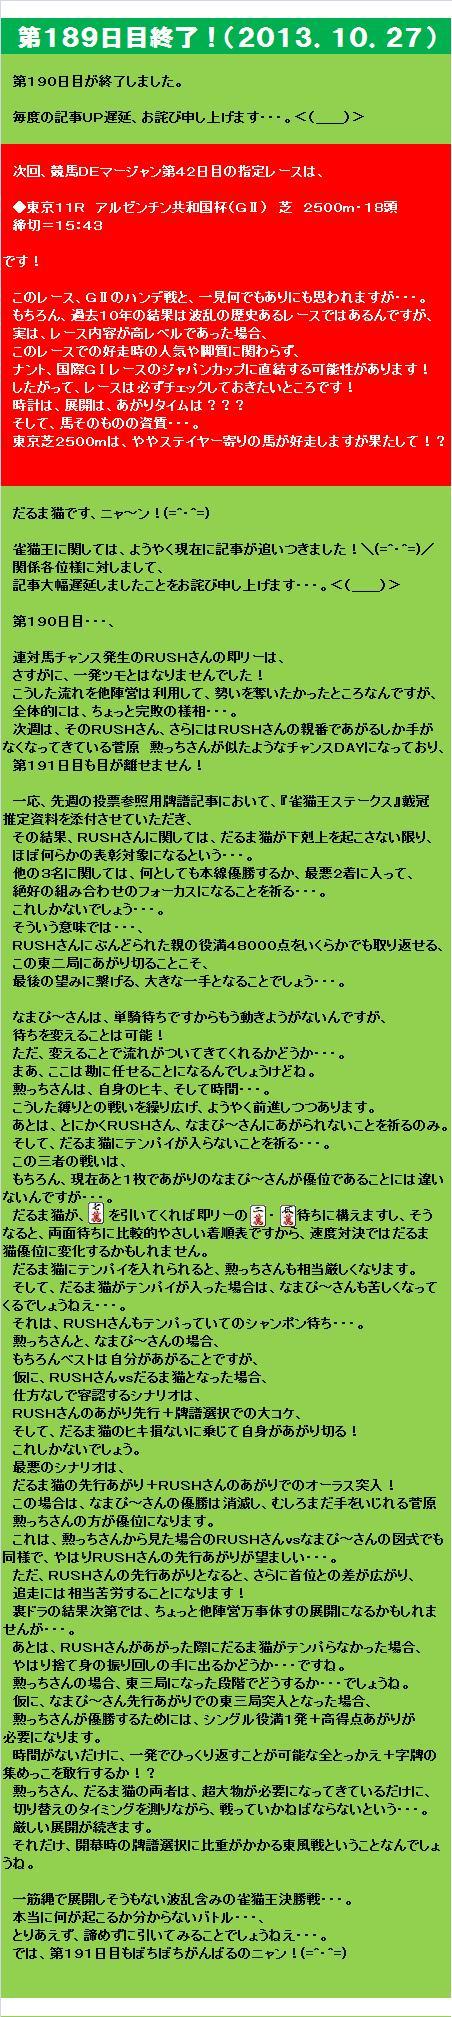 20131102・雀猫王結果②.jpg